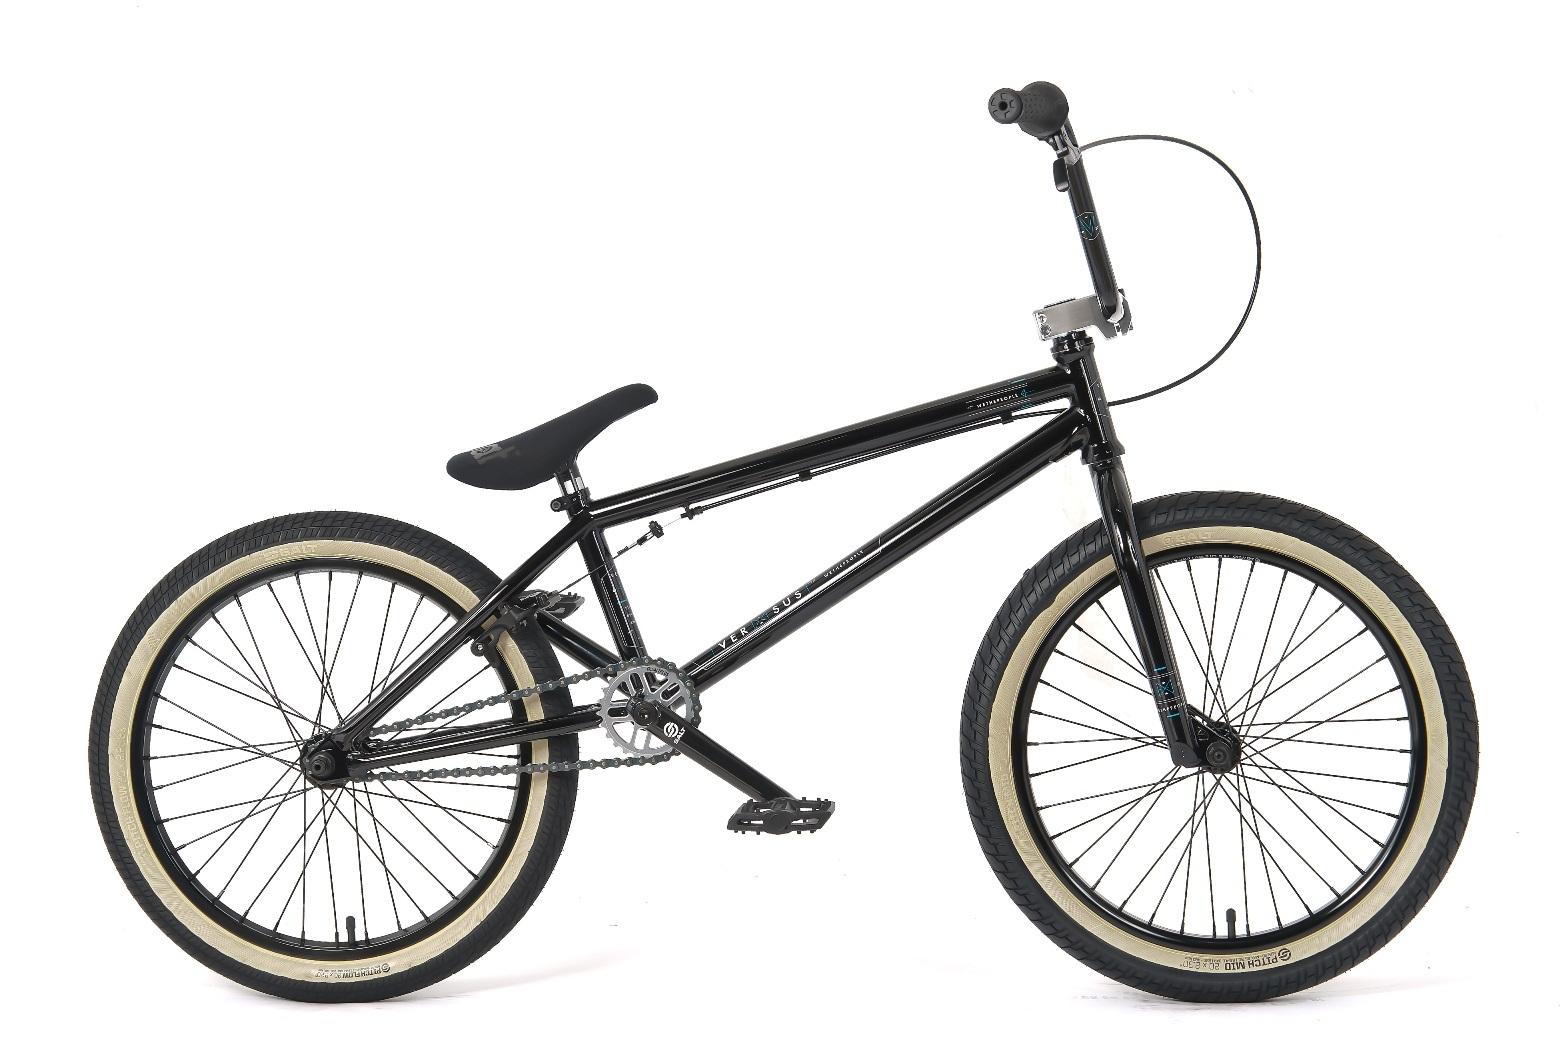 2defe699a5c1b Rower WTP Versus 2012 Black : Sklep AveBmx - rowery, części i ...